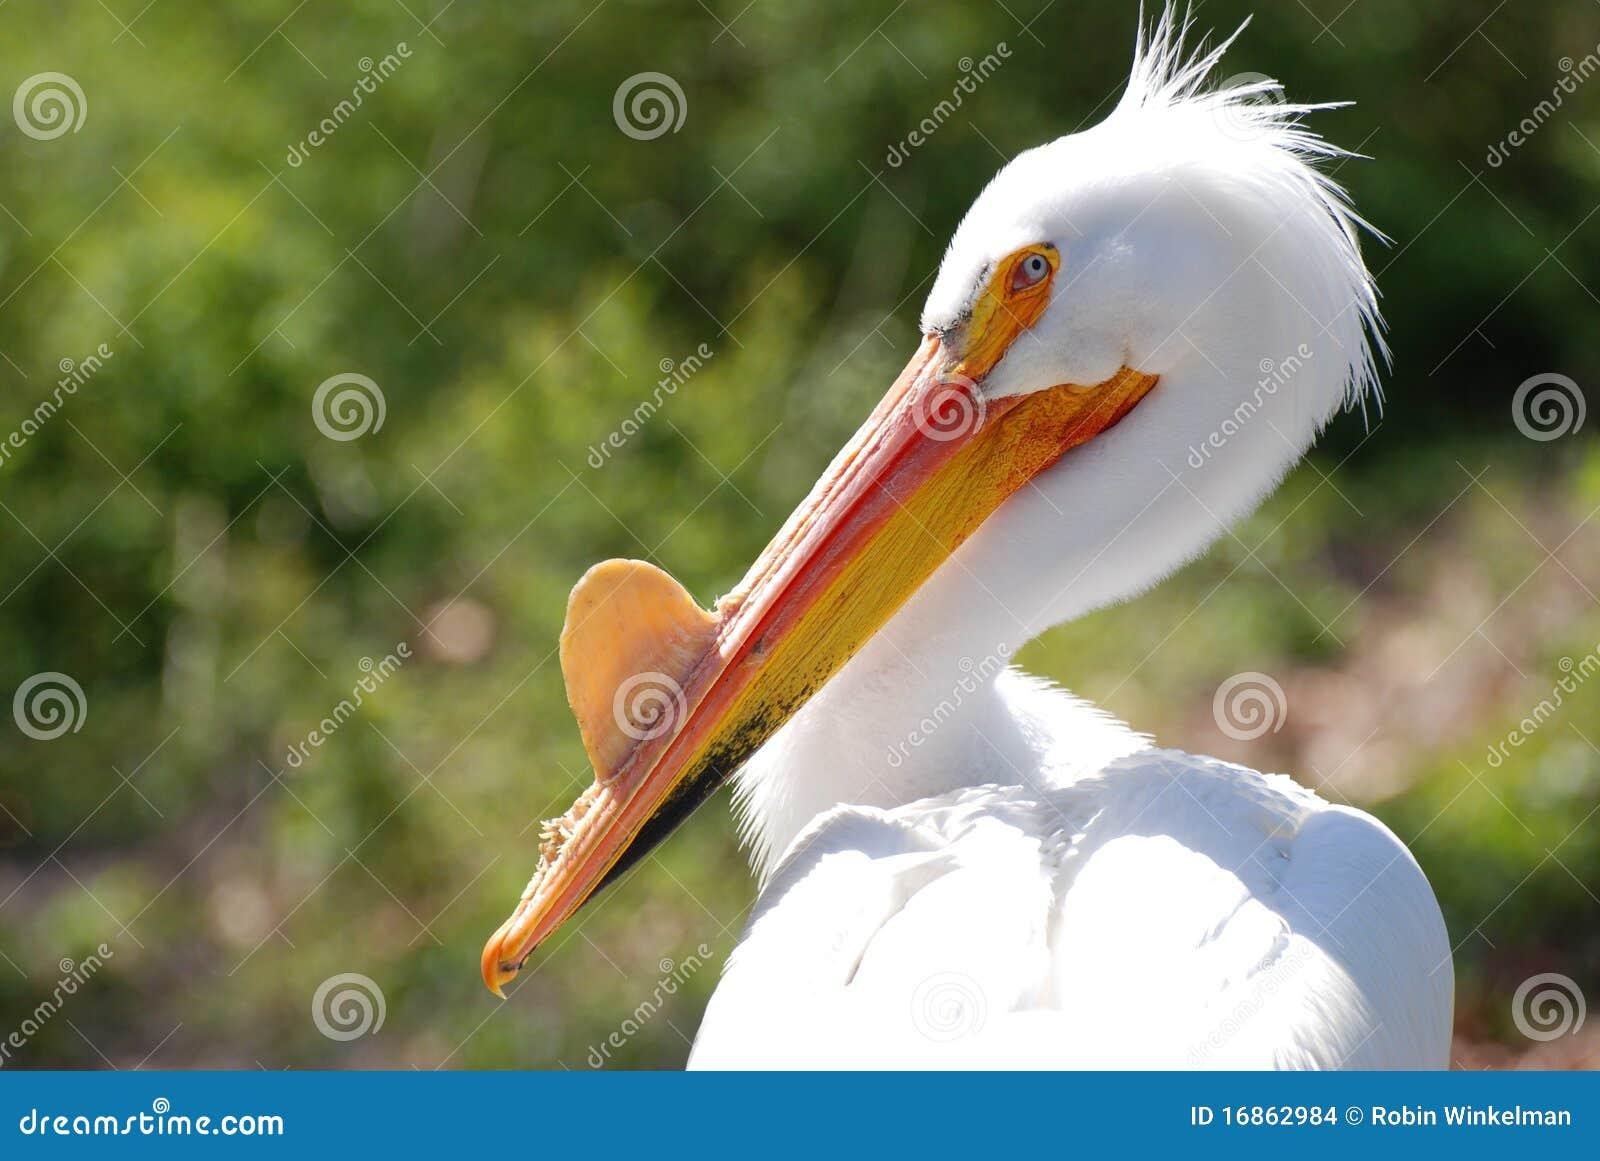 Perfil do pelicano